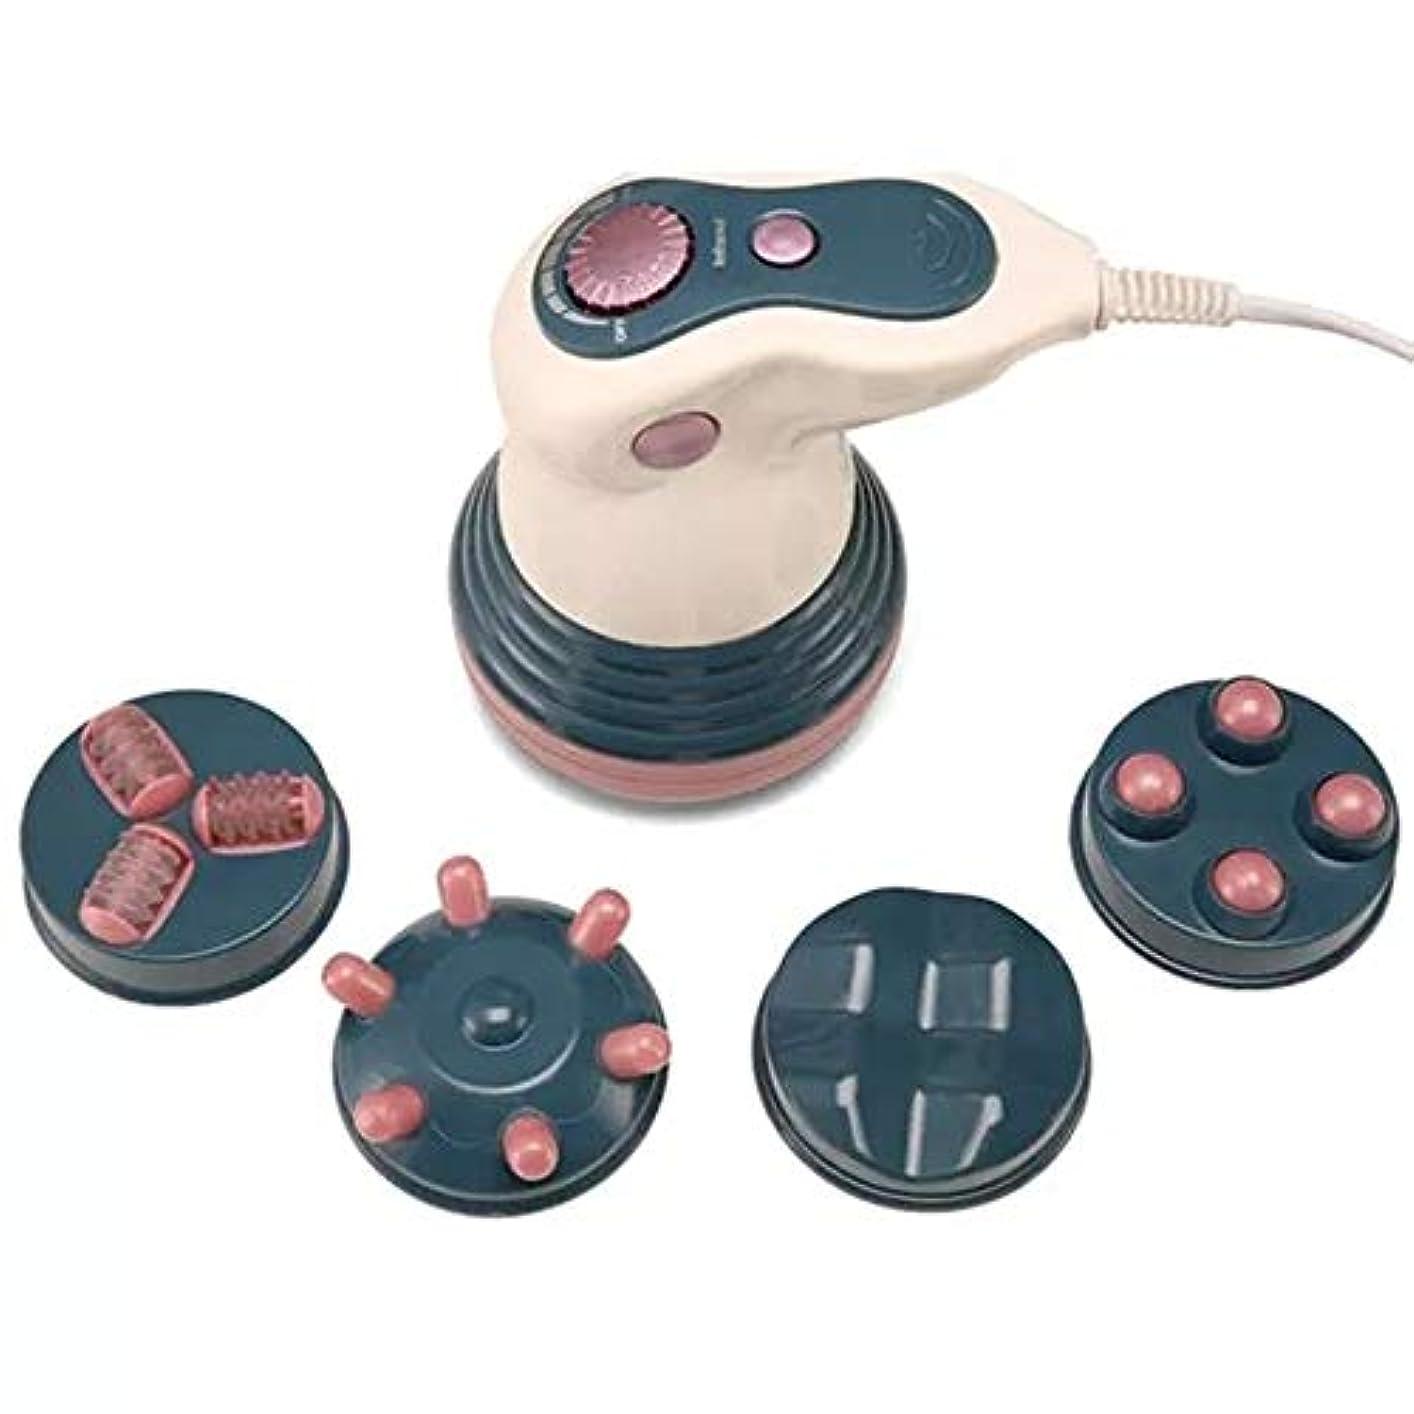 軽減テーブル兄機械緩和を細くする1つの電気赤外線全身のマッサージャー用具の減量の反セルライトに付き4つ